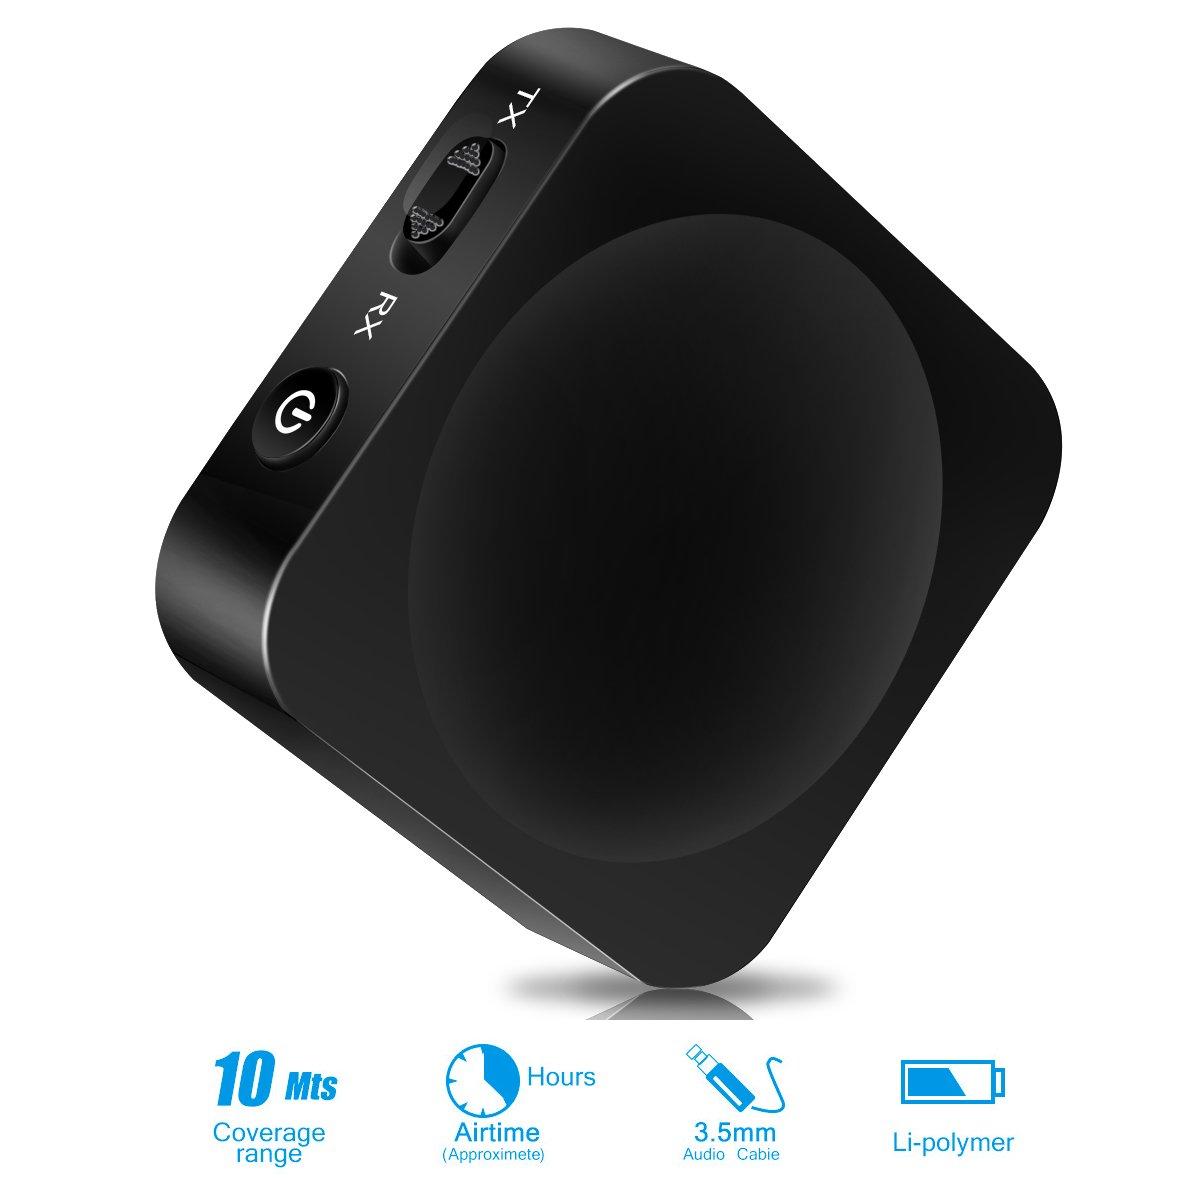 Keenstone Bluetooth Trasmettitore Ricevitore 2-in-1, adattatore Bluetooth senza fili Bluetooth 4.1 2 dispositivi Sistema di effetti sonori perfettamente perfetto